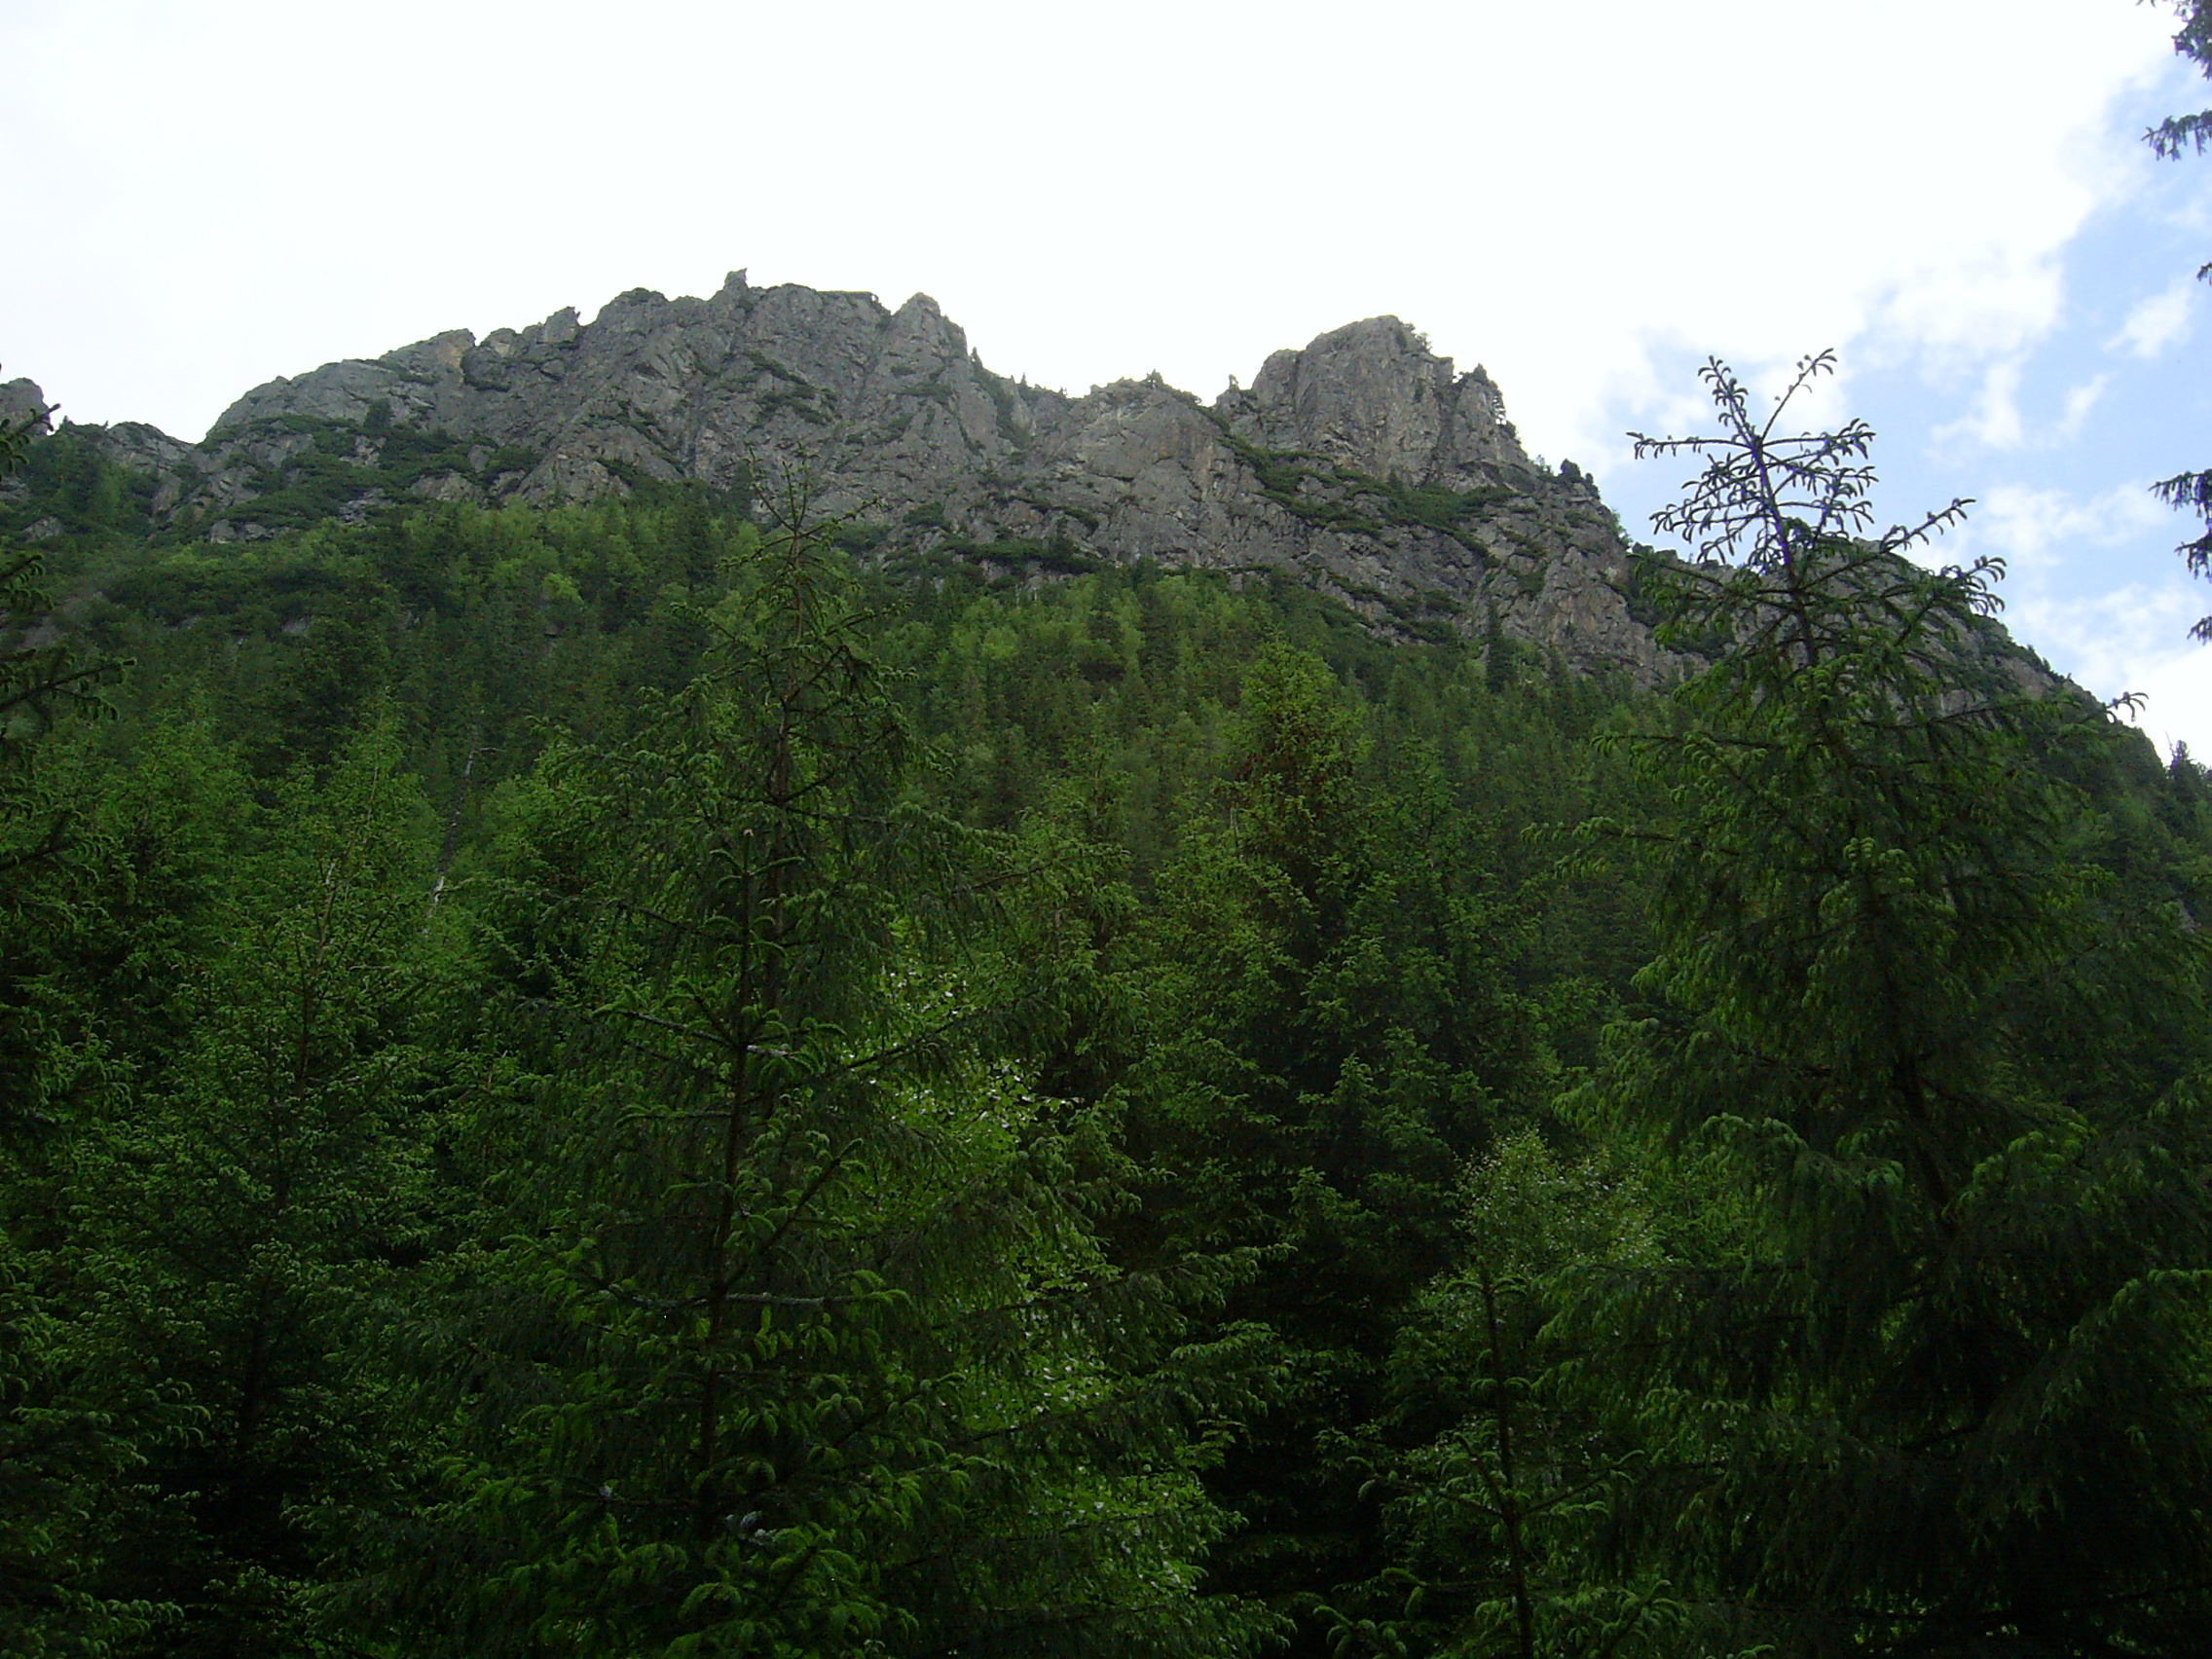 Wołoszyn widziany z Dol. Roztoki, fot. Krzysztof Dudzik, źródło: Wikimedia, GNU